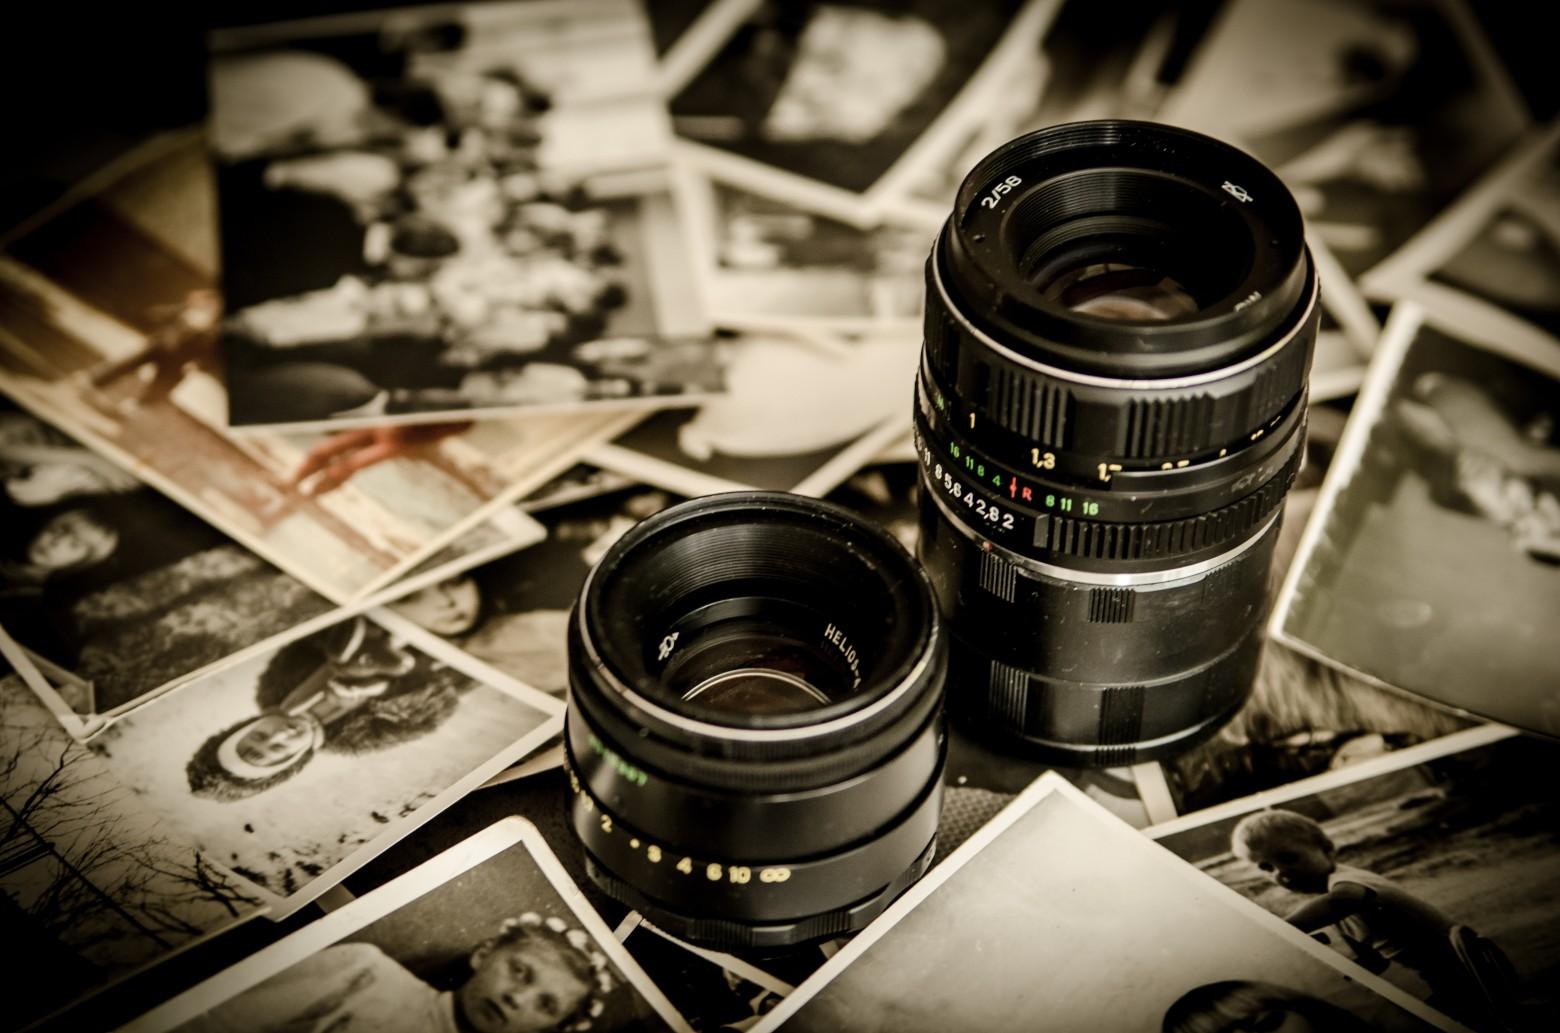 Connu photo vintage objectif photo photographe images photos gratuites  OT88